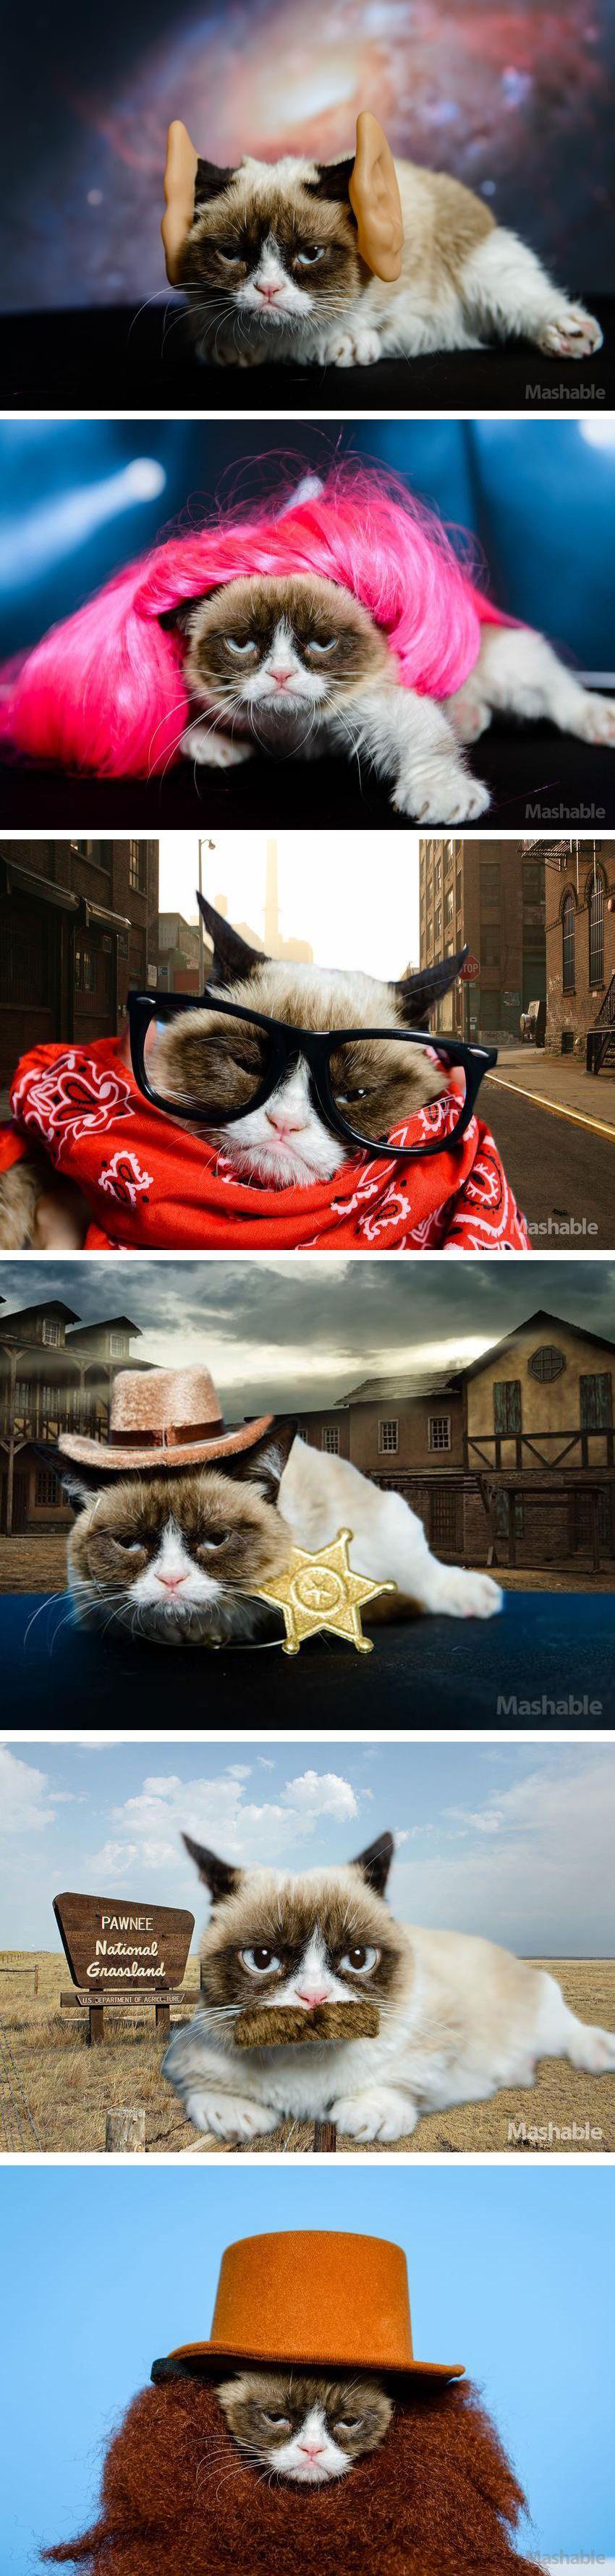 uno de los gatos más famosos del mundo